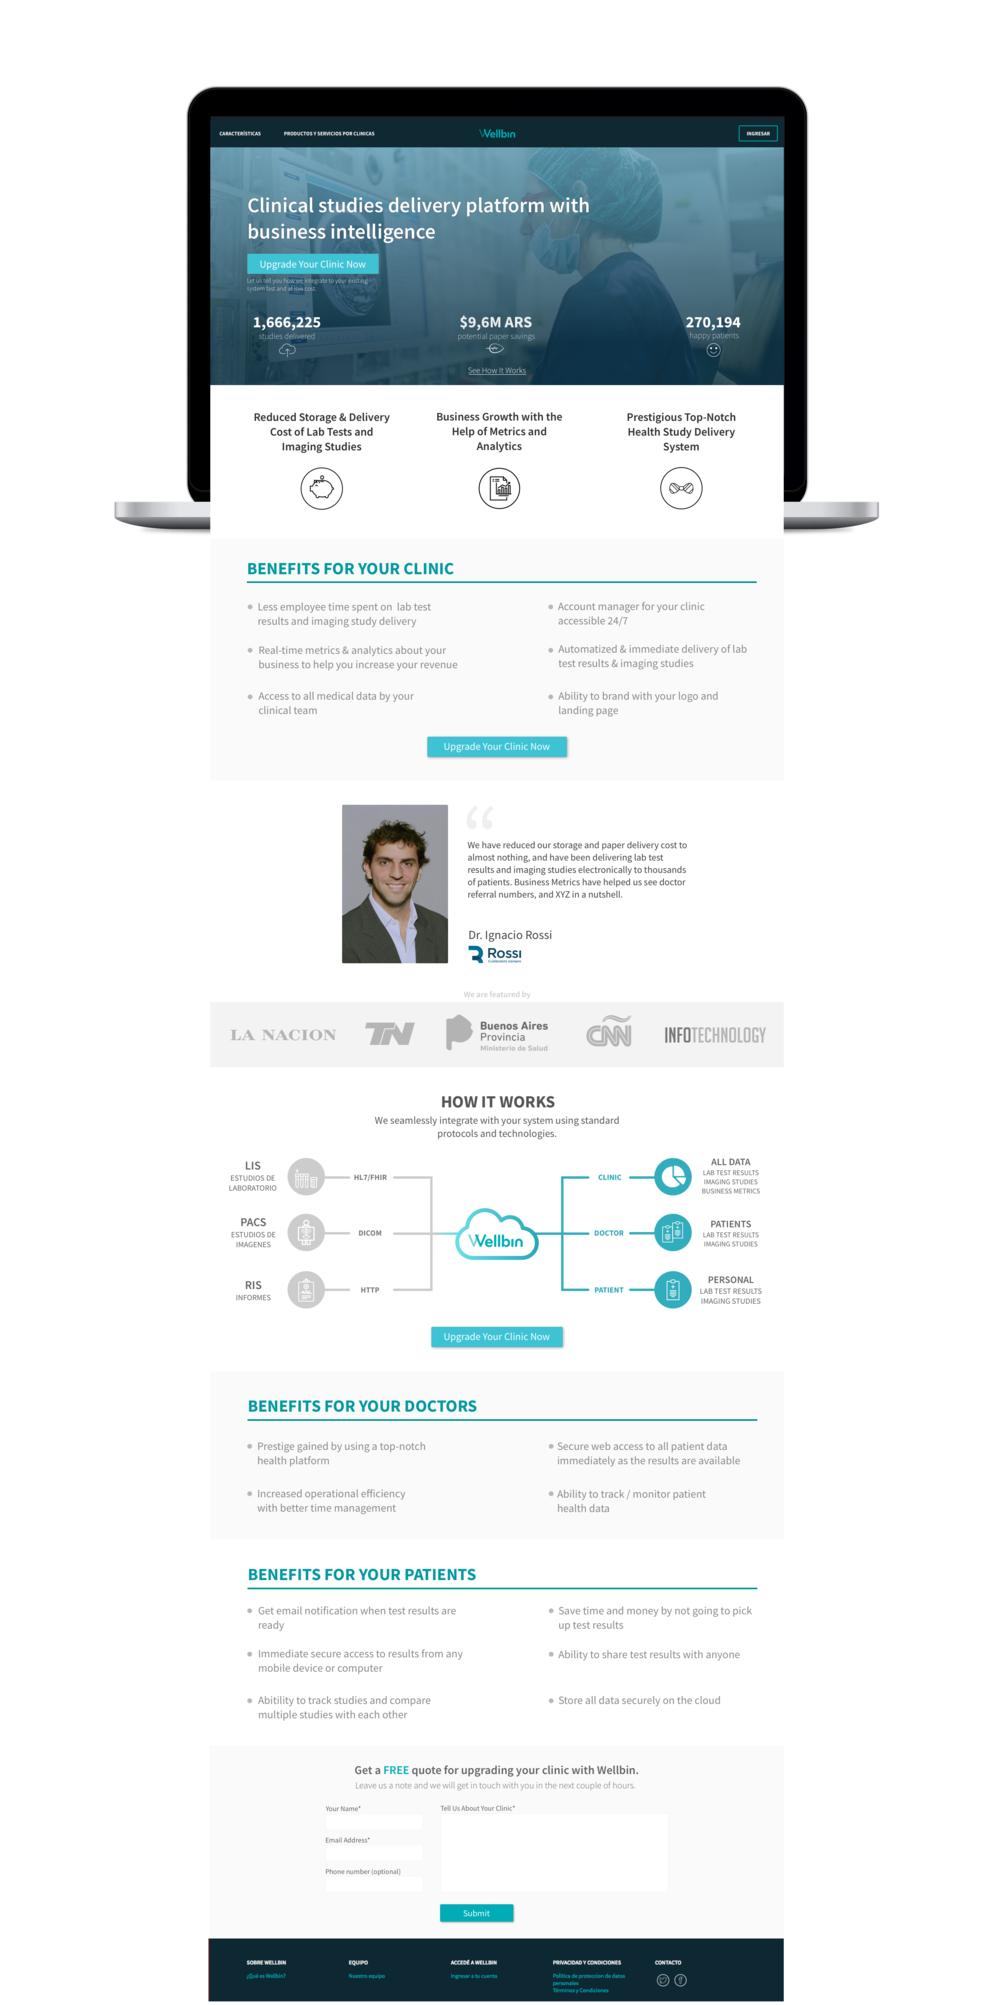 Desktop HD - Productos y Servicios por Clinicas Copy 2.png